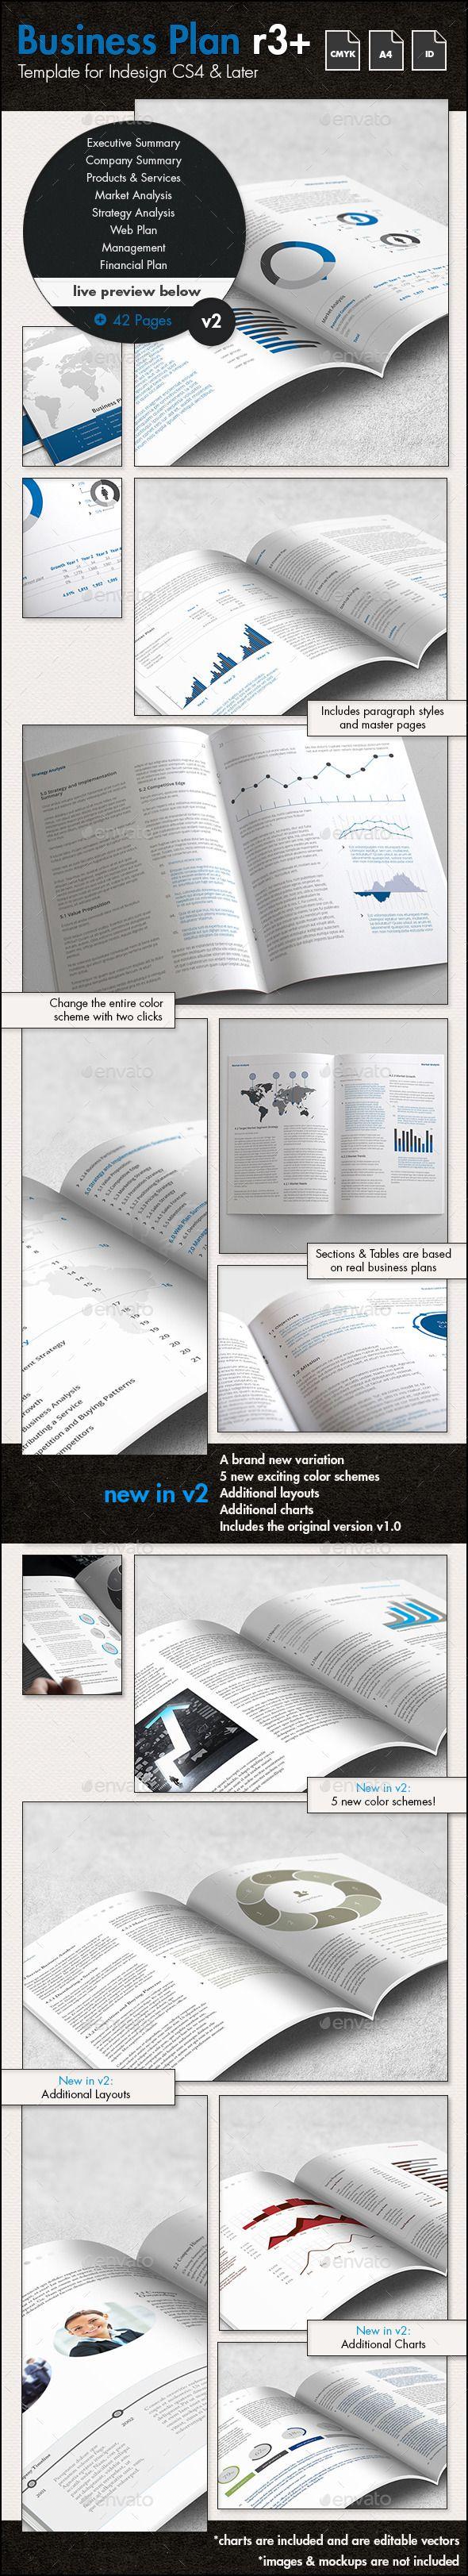 Professional Business Plan Template - A4 Portrait